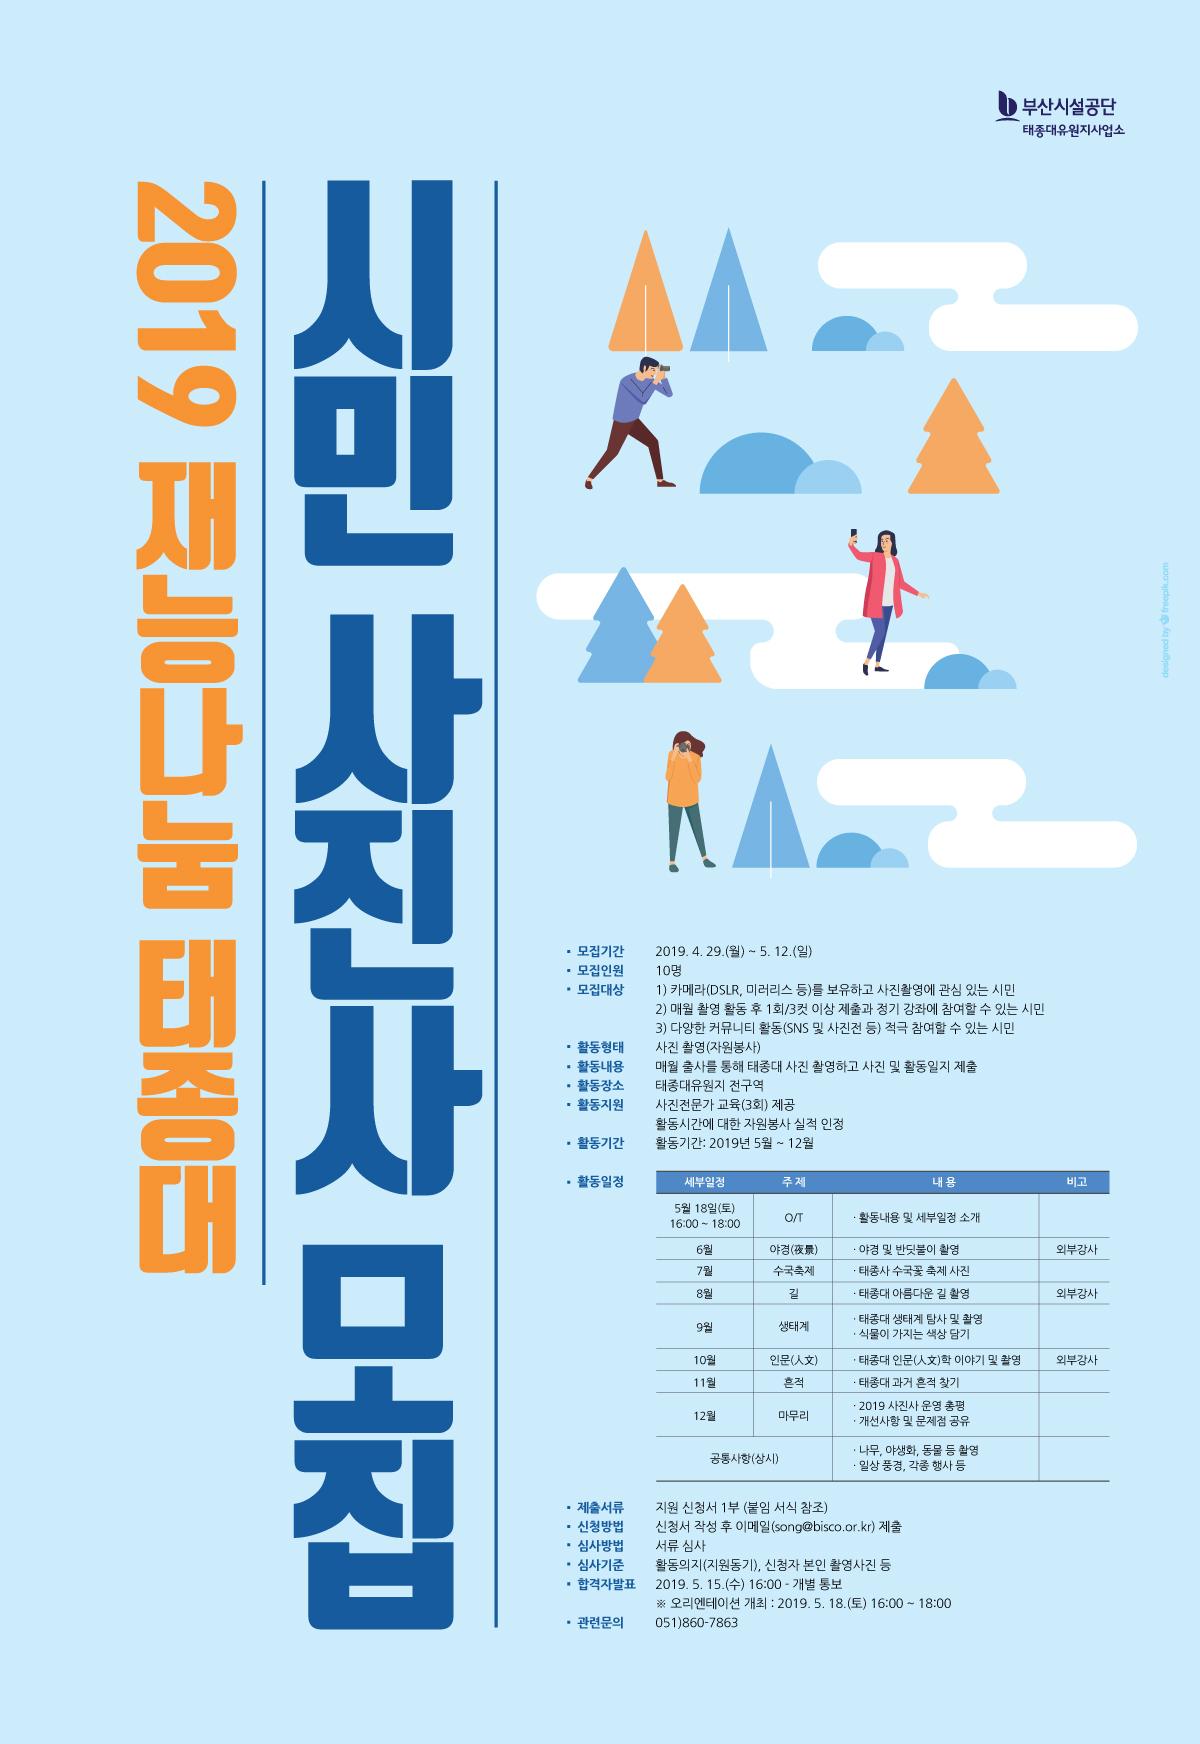 태종대 시민사진사 모집 포스터(2절)